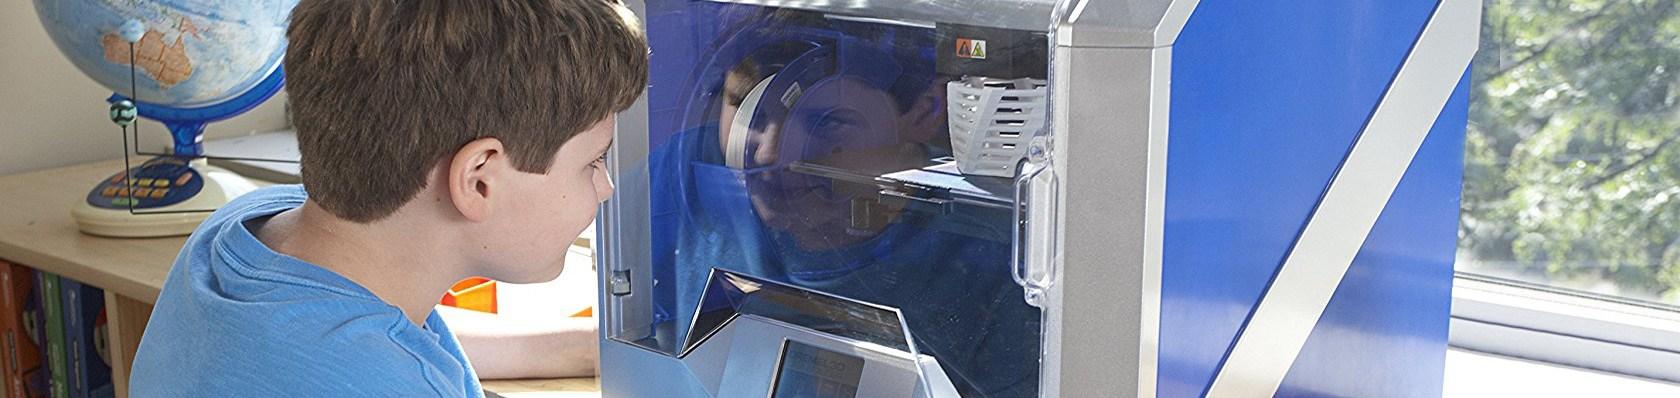 3D Drucker im Test auf ExpertenTesten.de